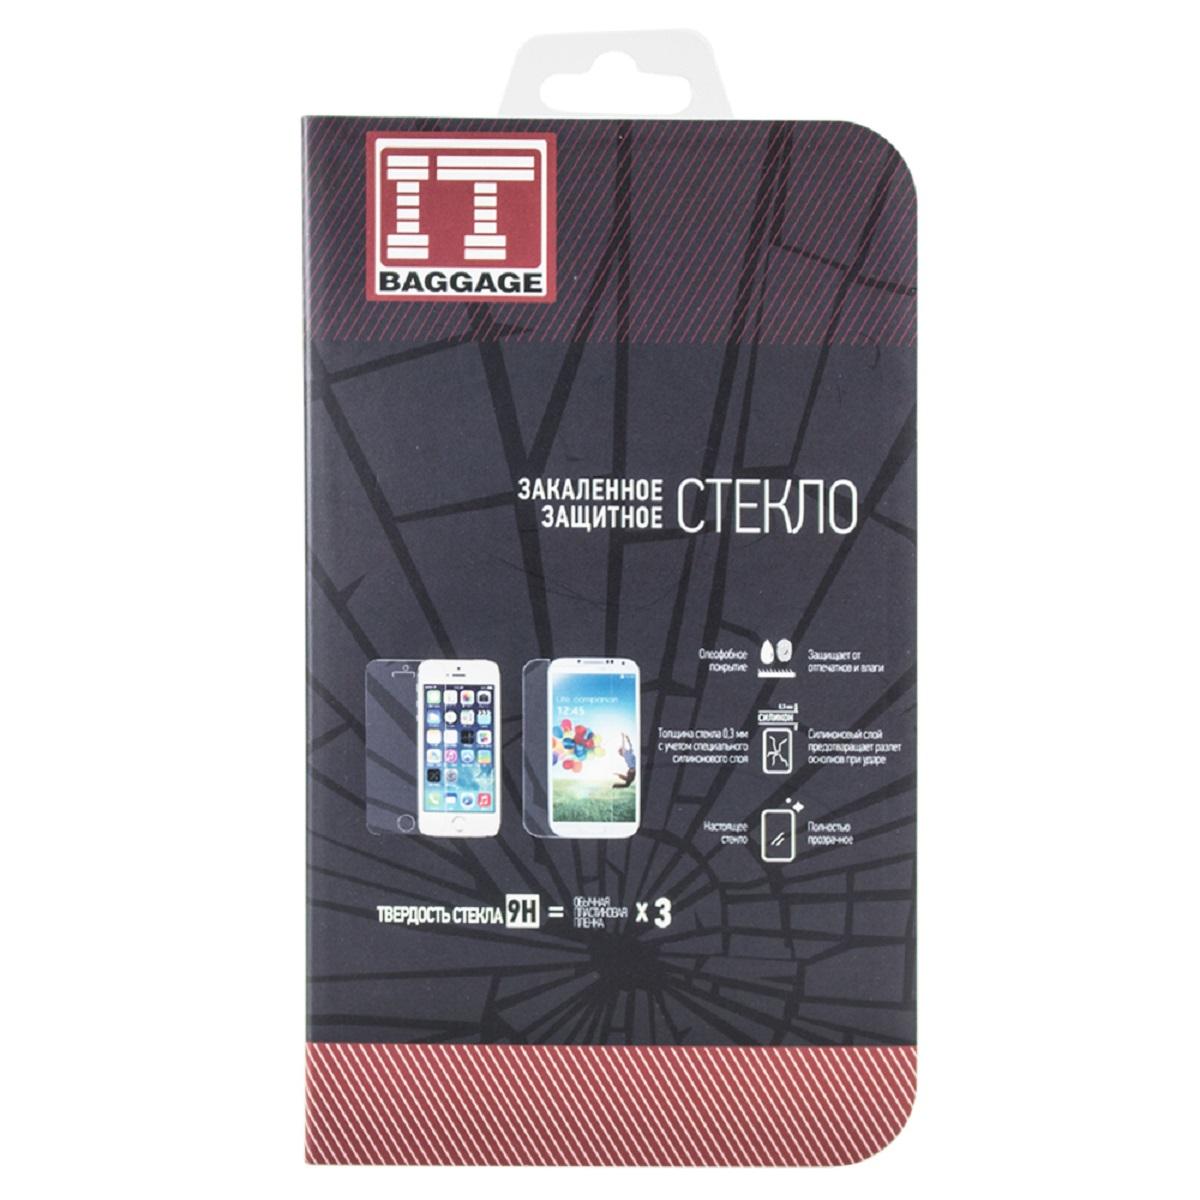 IT Baggage защитное стекло для Huawei Y5CITHWY5CGЗакаленное стекло IT Baggage для Huawei Y5C - это самый верный способ защитить экран от повреждений и загрязнений. Обладает высочайшим уровнем прозрачности и совершенно не влияет на отклик экранного сенсора и качество изображения. Препятствует появлению отпечатков и пятен. Удалить следы жира и косметики с поверхности аксессуара не составить ни какого труда. Характеристики защитного стекла делают его износостойким к таким механическим повреждениям, как царапины, сколы, потертости. При сильном ударе разбившееся стекло не разлетается на осколки, предохраняя вас от порезов, а экран устройства от повреждений. После снятия защитного стекла с поверхности дисплея, на нем не остаются повреждения, такие как потертости и царапины.